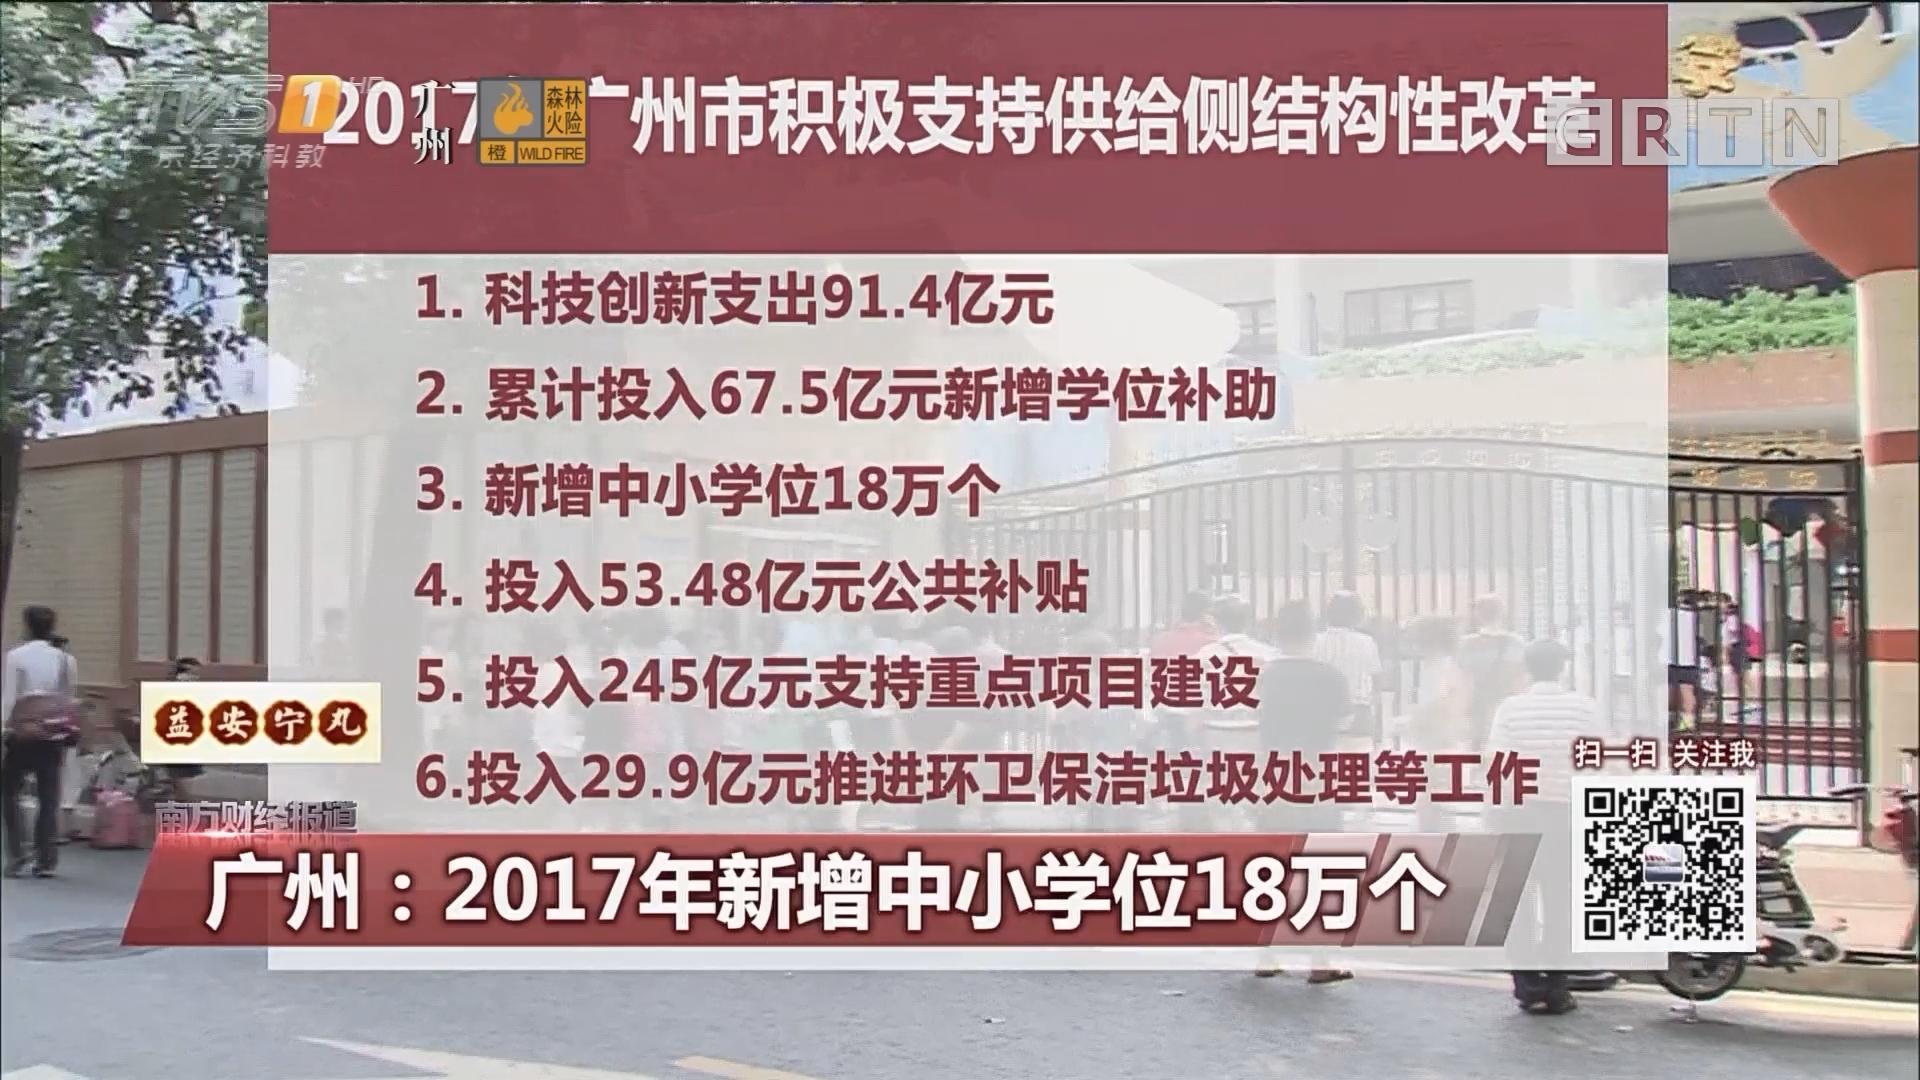 广州:2017年新增中小学位18万个